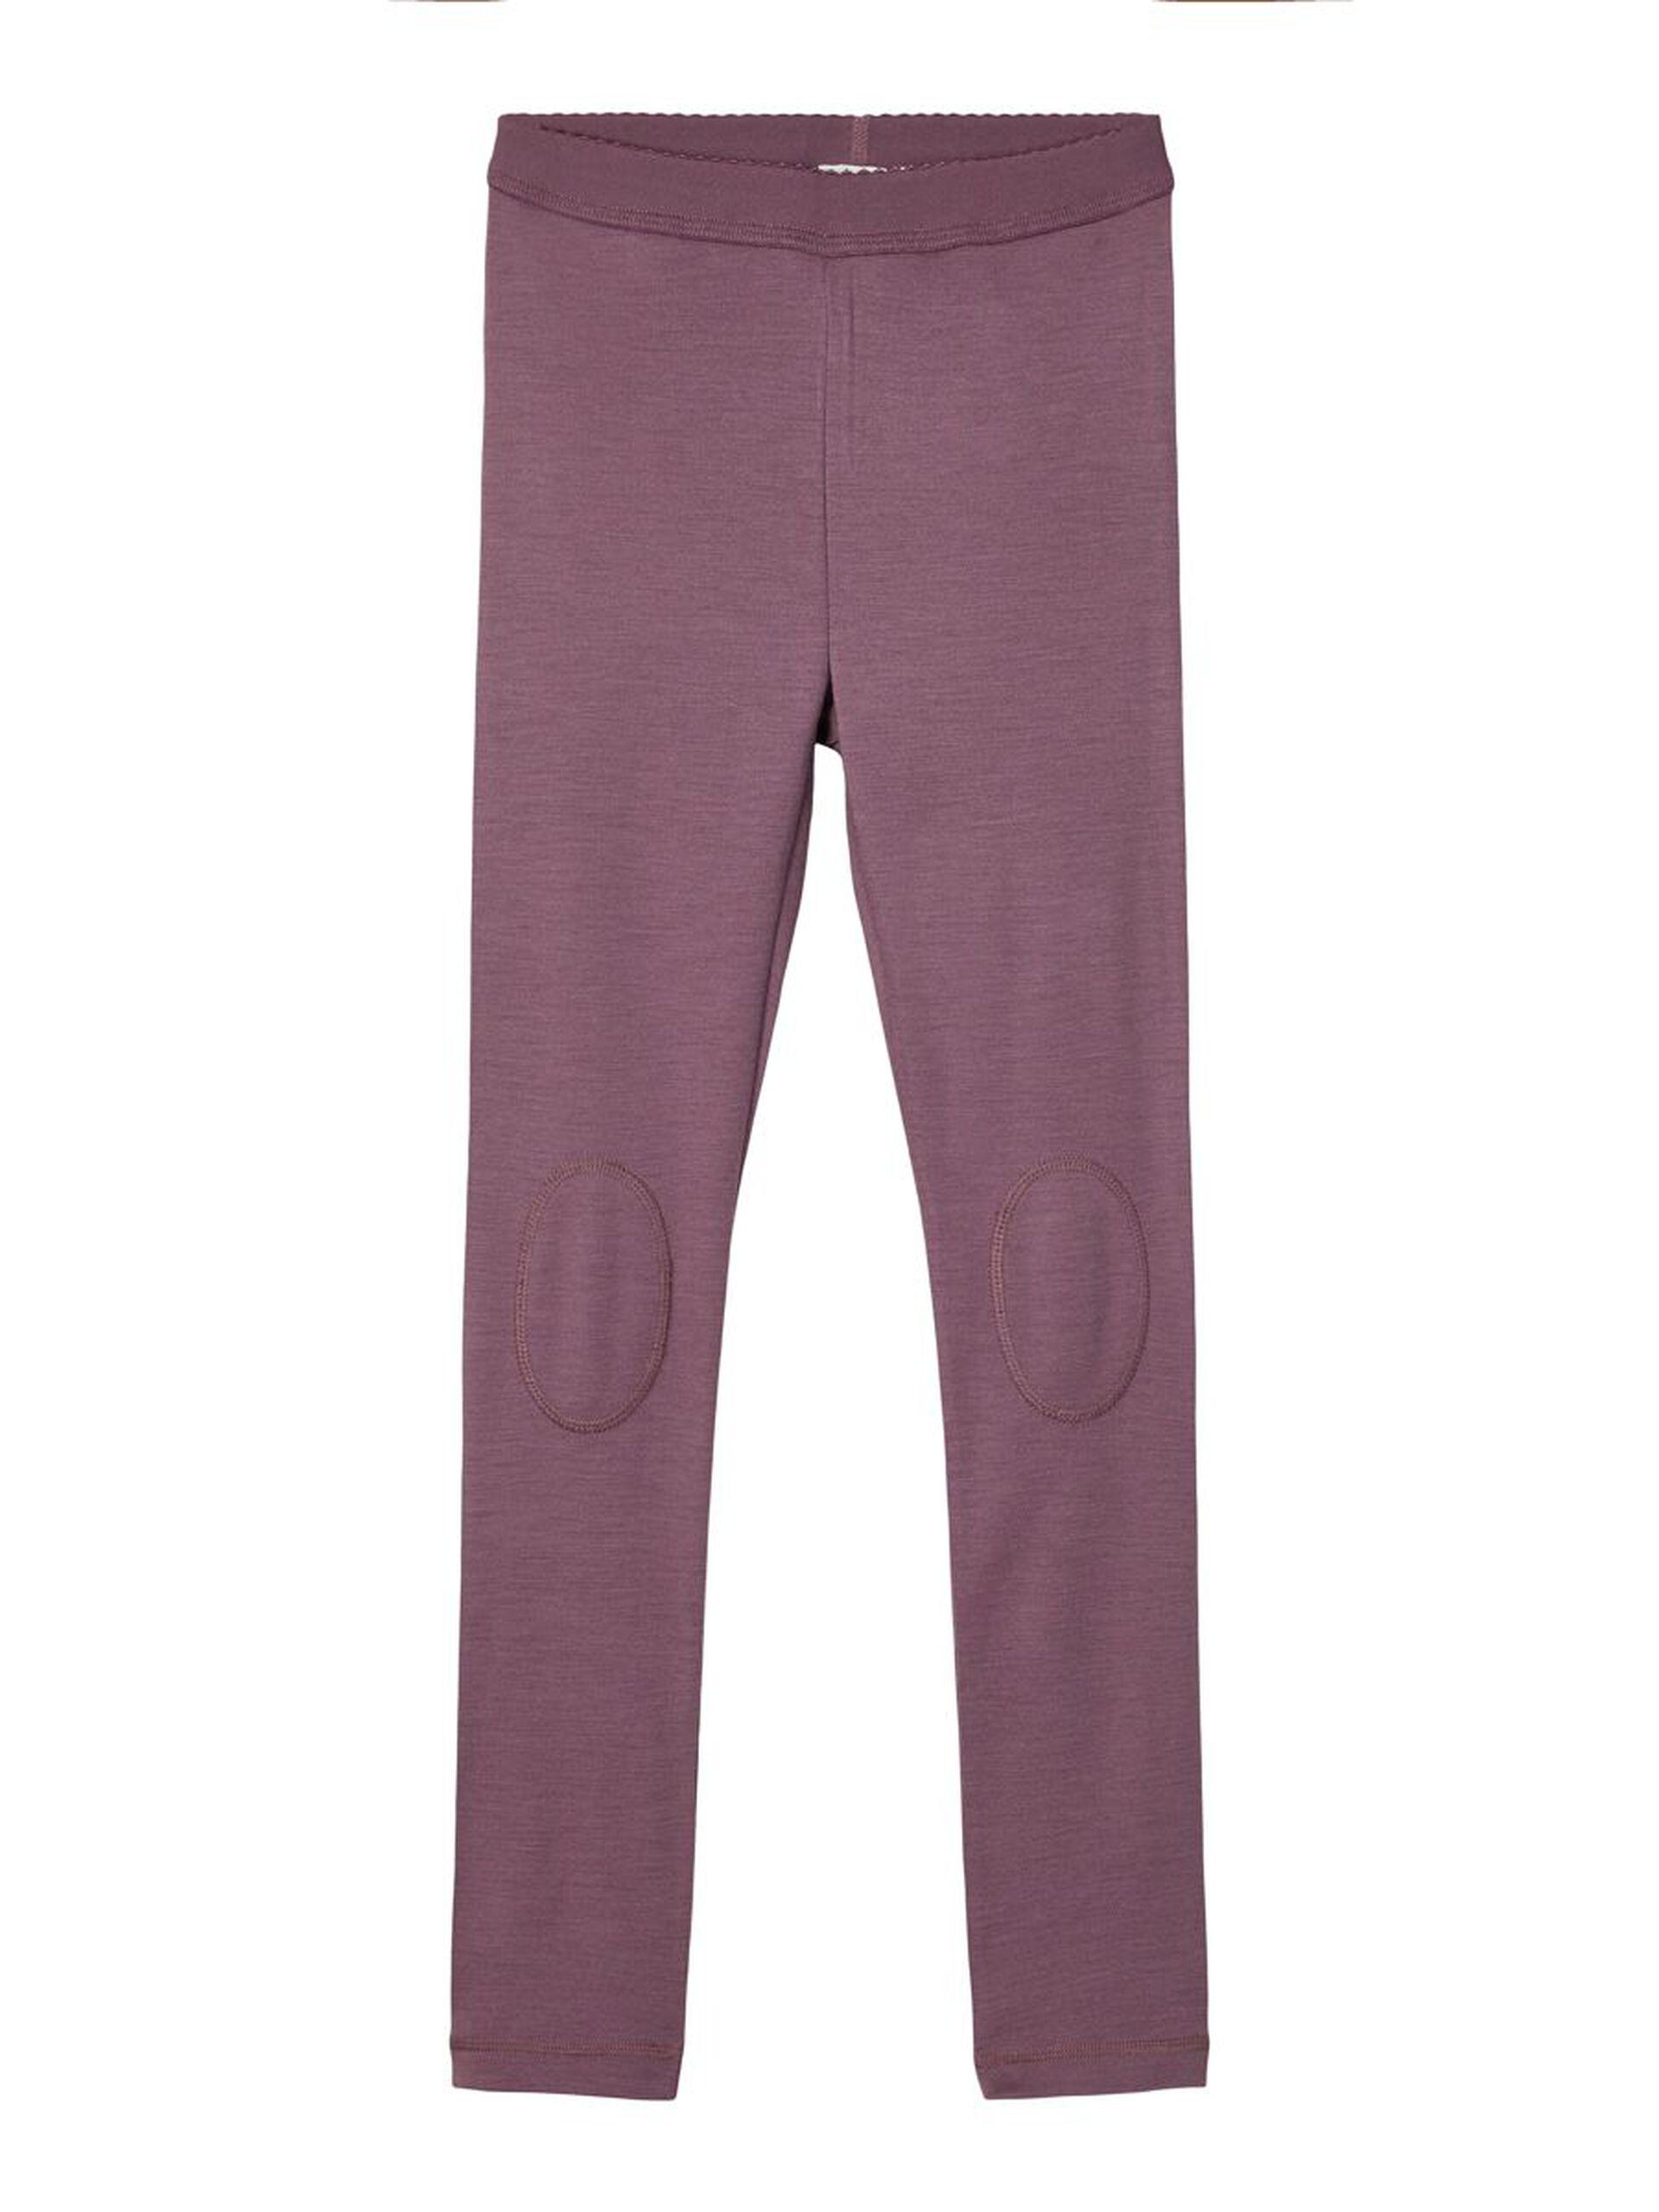 Lilla stillongs i ull – Ull lilla leggings ull Willto – Mio Trend